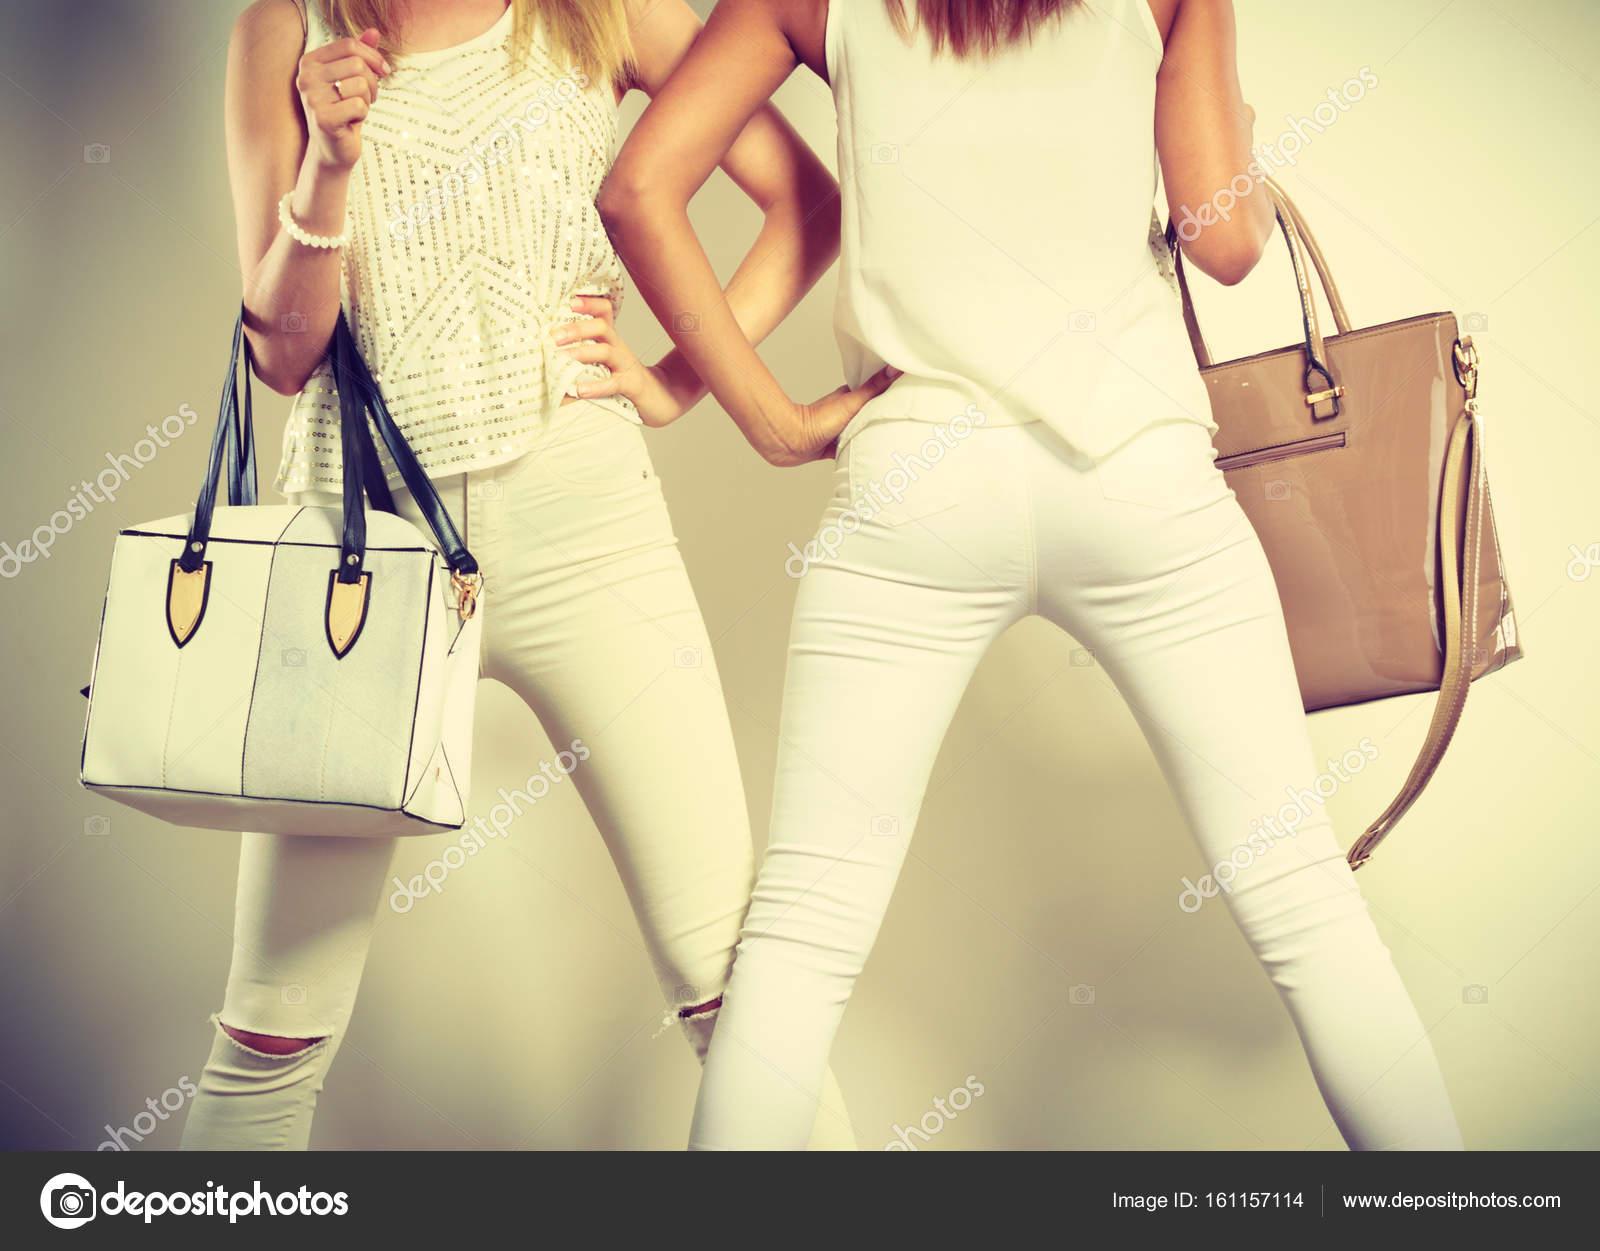 81ac79722 Két karcsú nők-ban bőr táskák táskák — Stock Fotó © Voyagerix #161157114